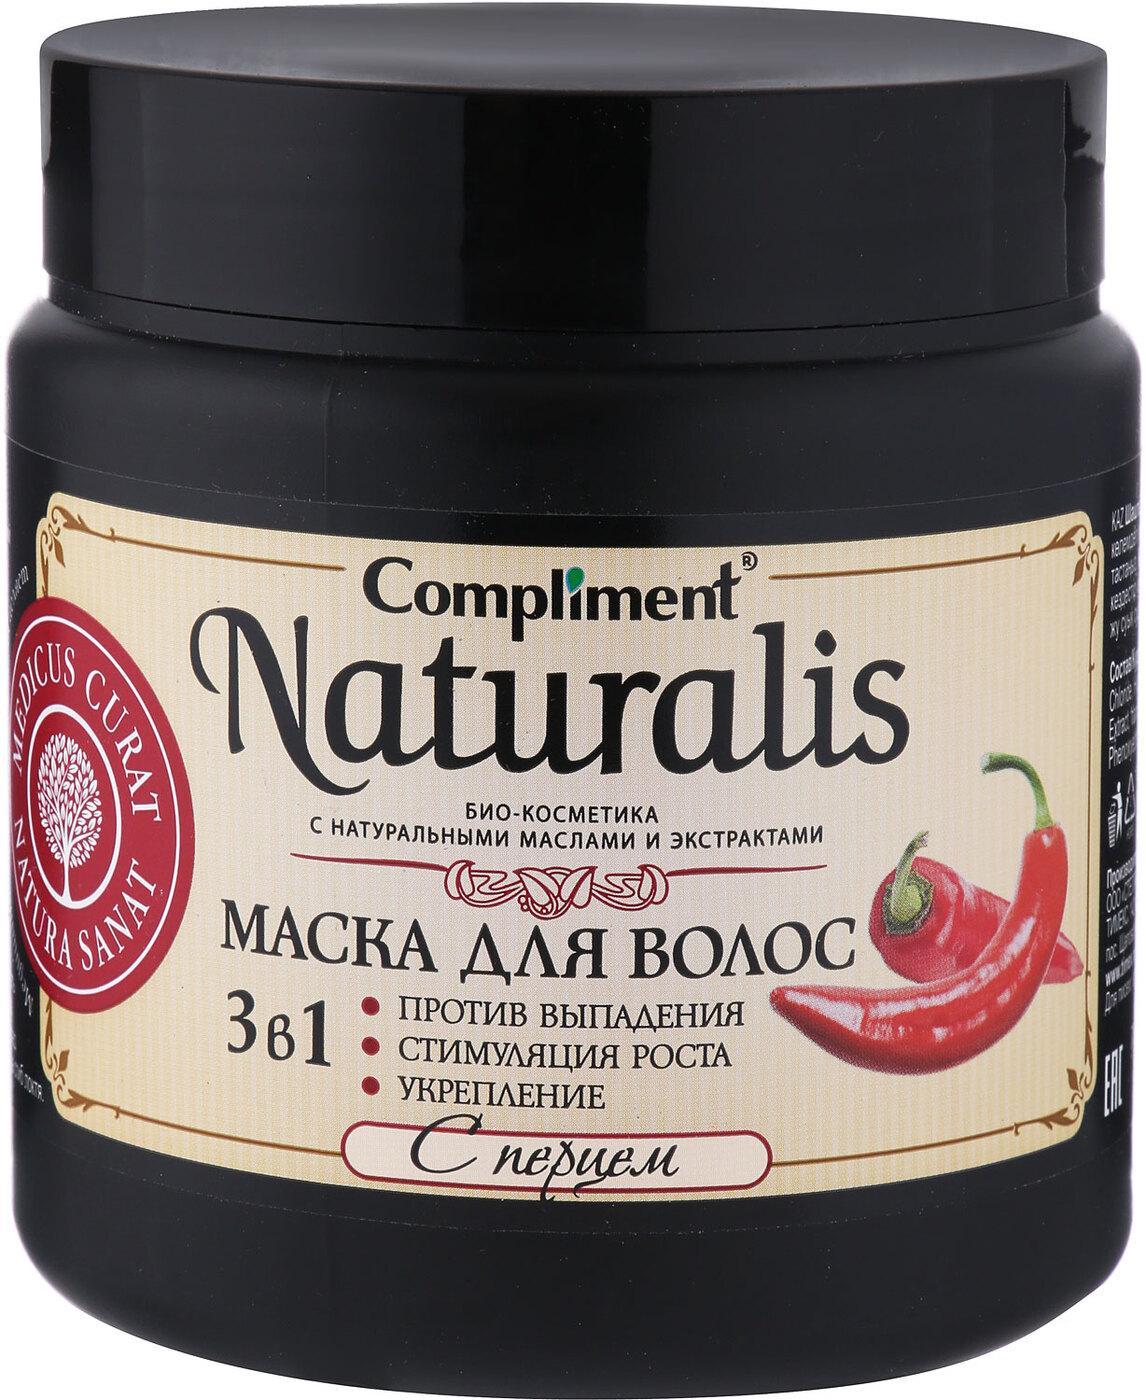 Compliment Naturalis 3 в 1 с перцем